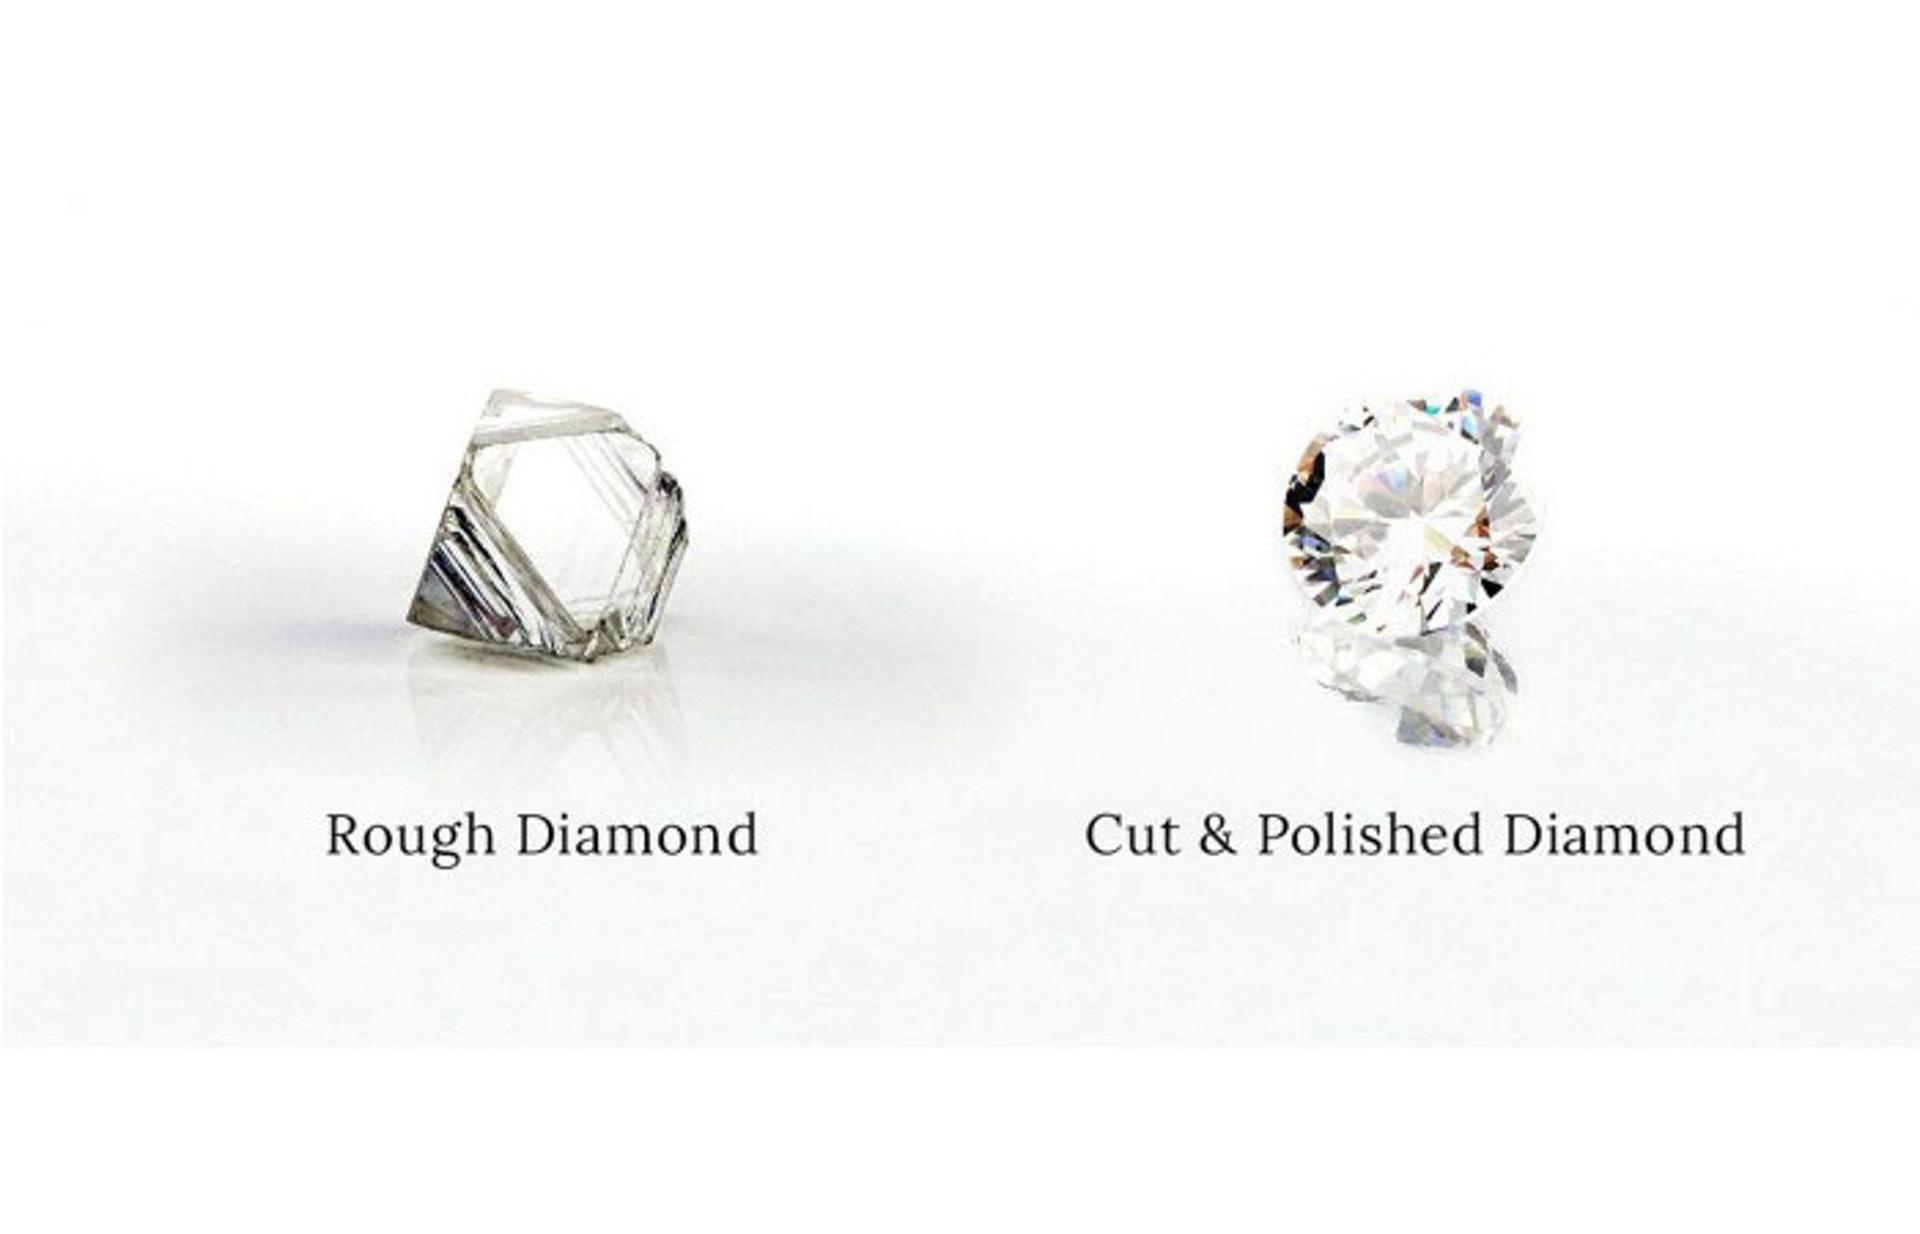 粗糙的鑽石和切割鑽石(世界高級品)